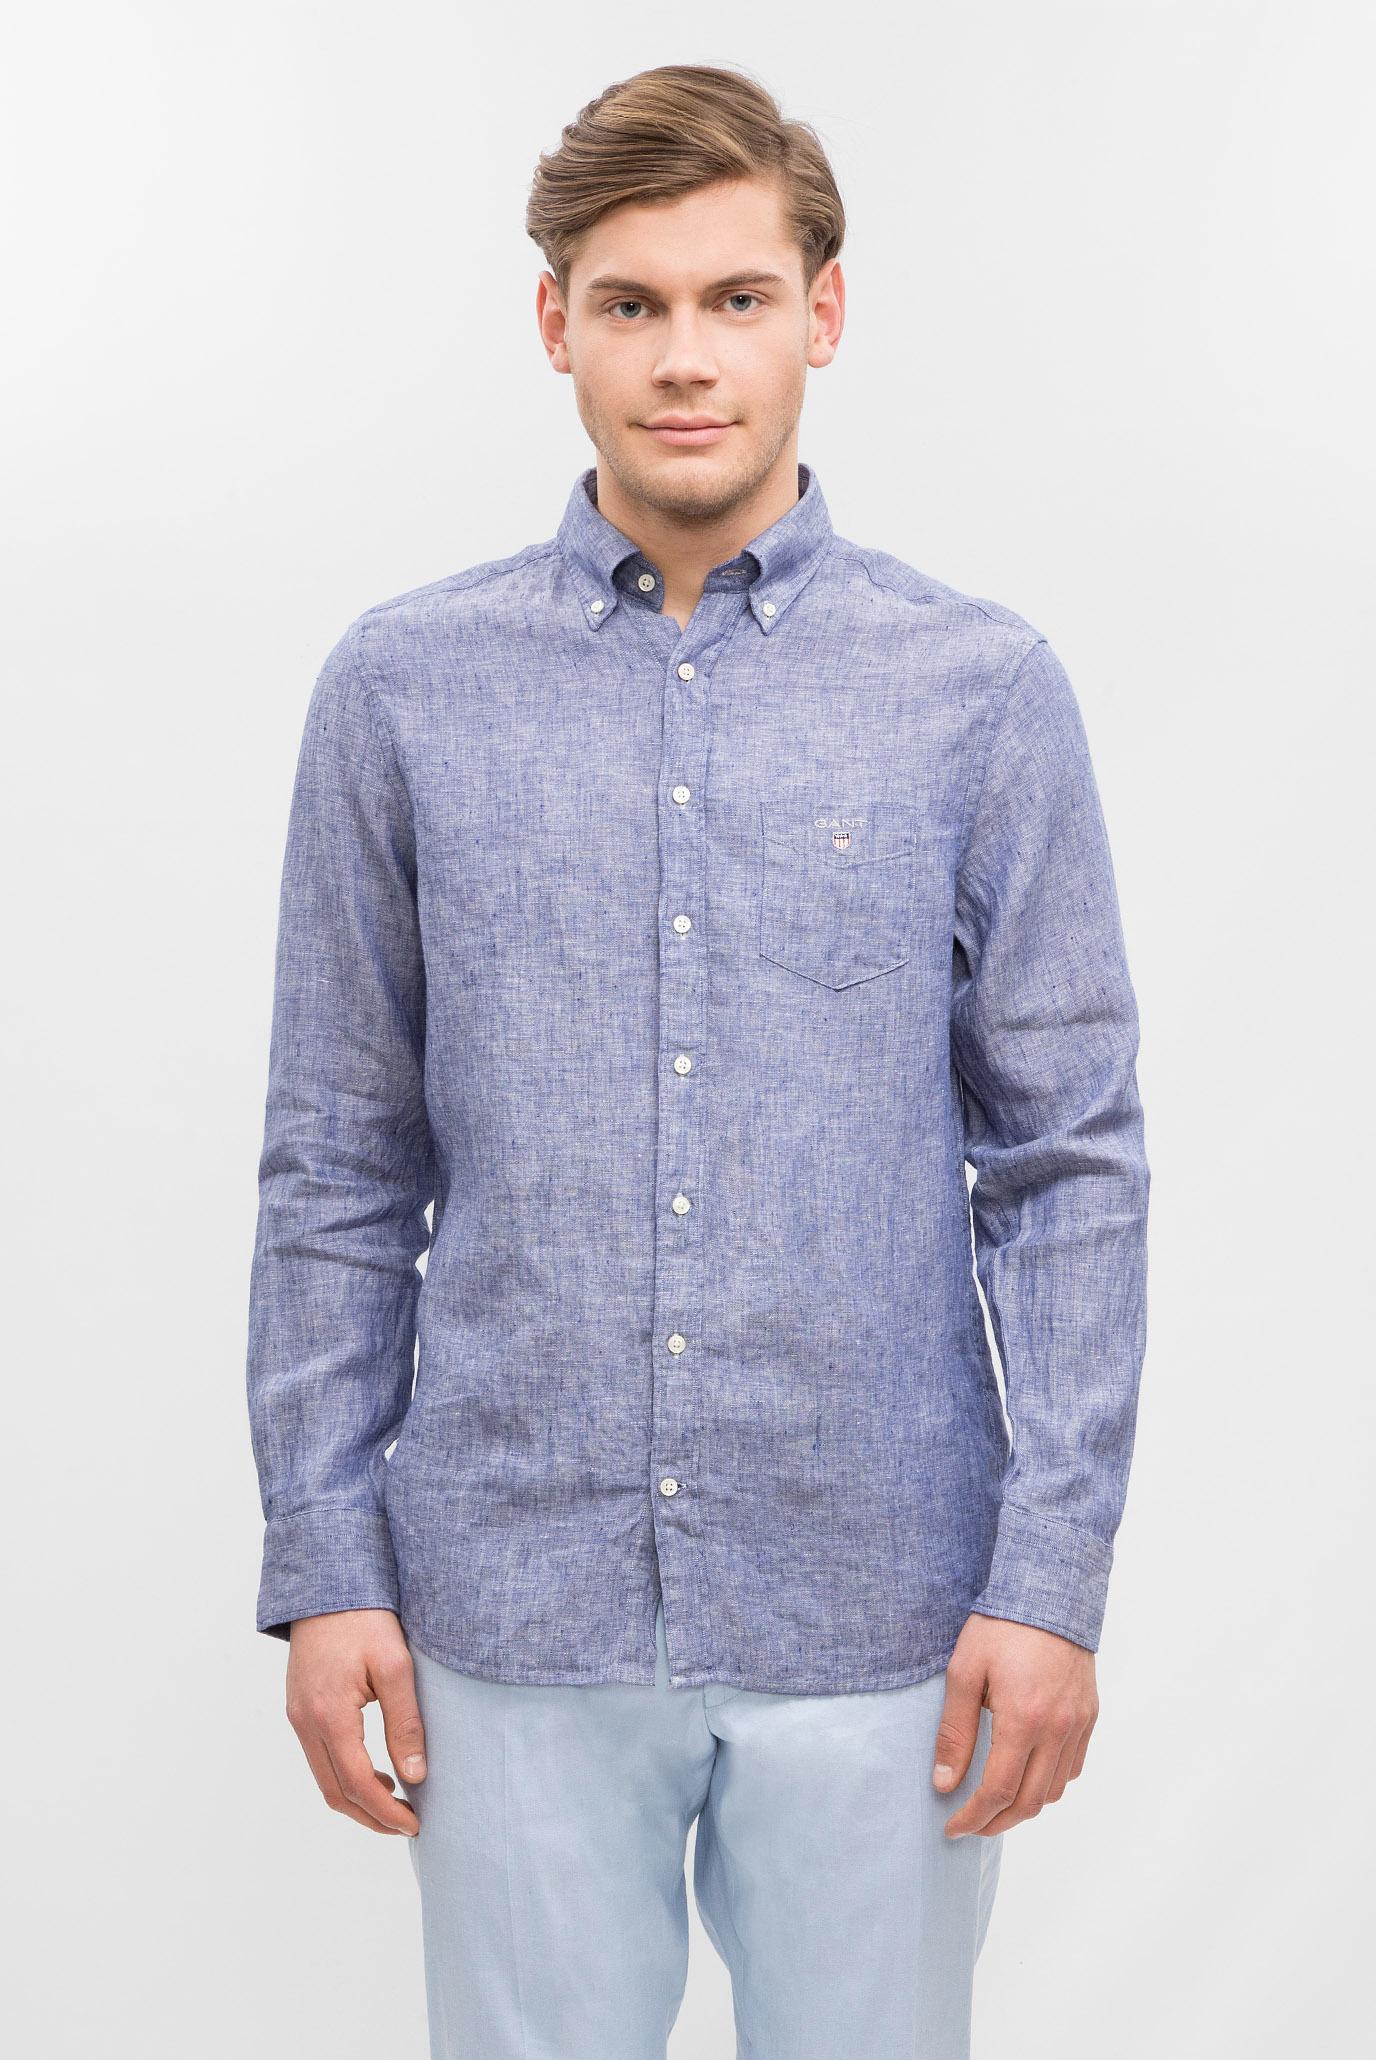 Купить Мужская синяя рубашка Gant Gant 3040620 – Киев, Украина. Цены в интернет магазине MD Fashion